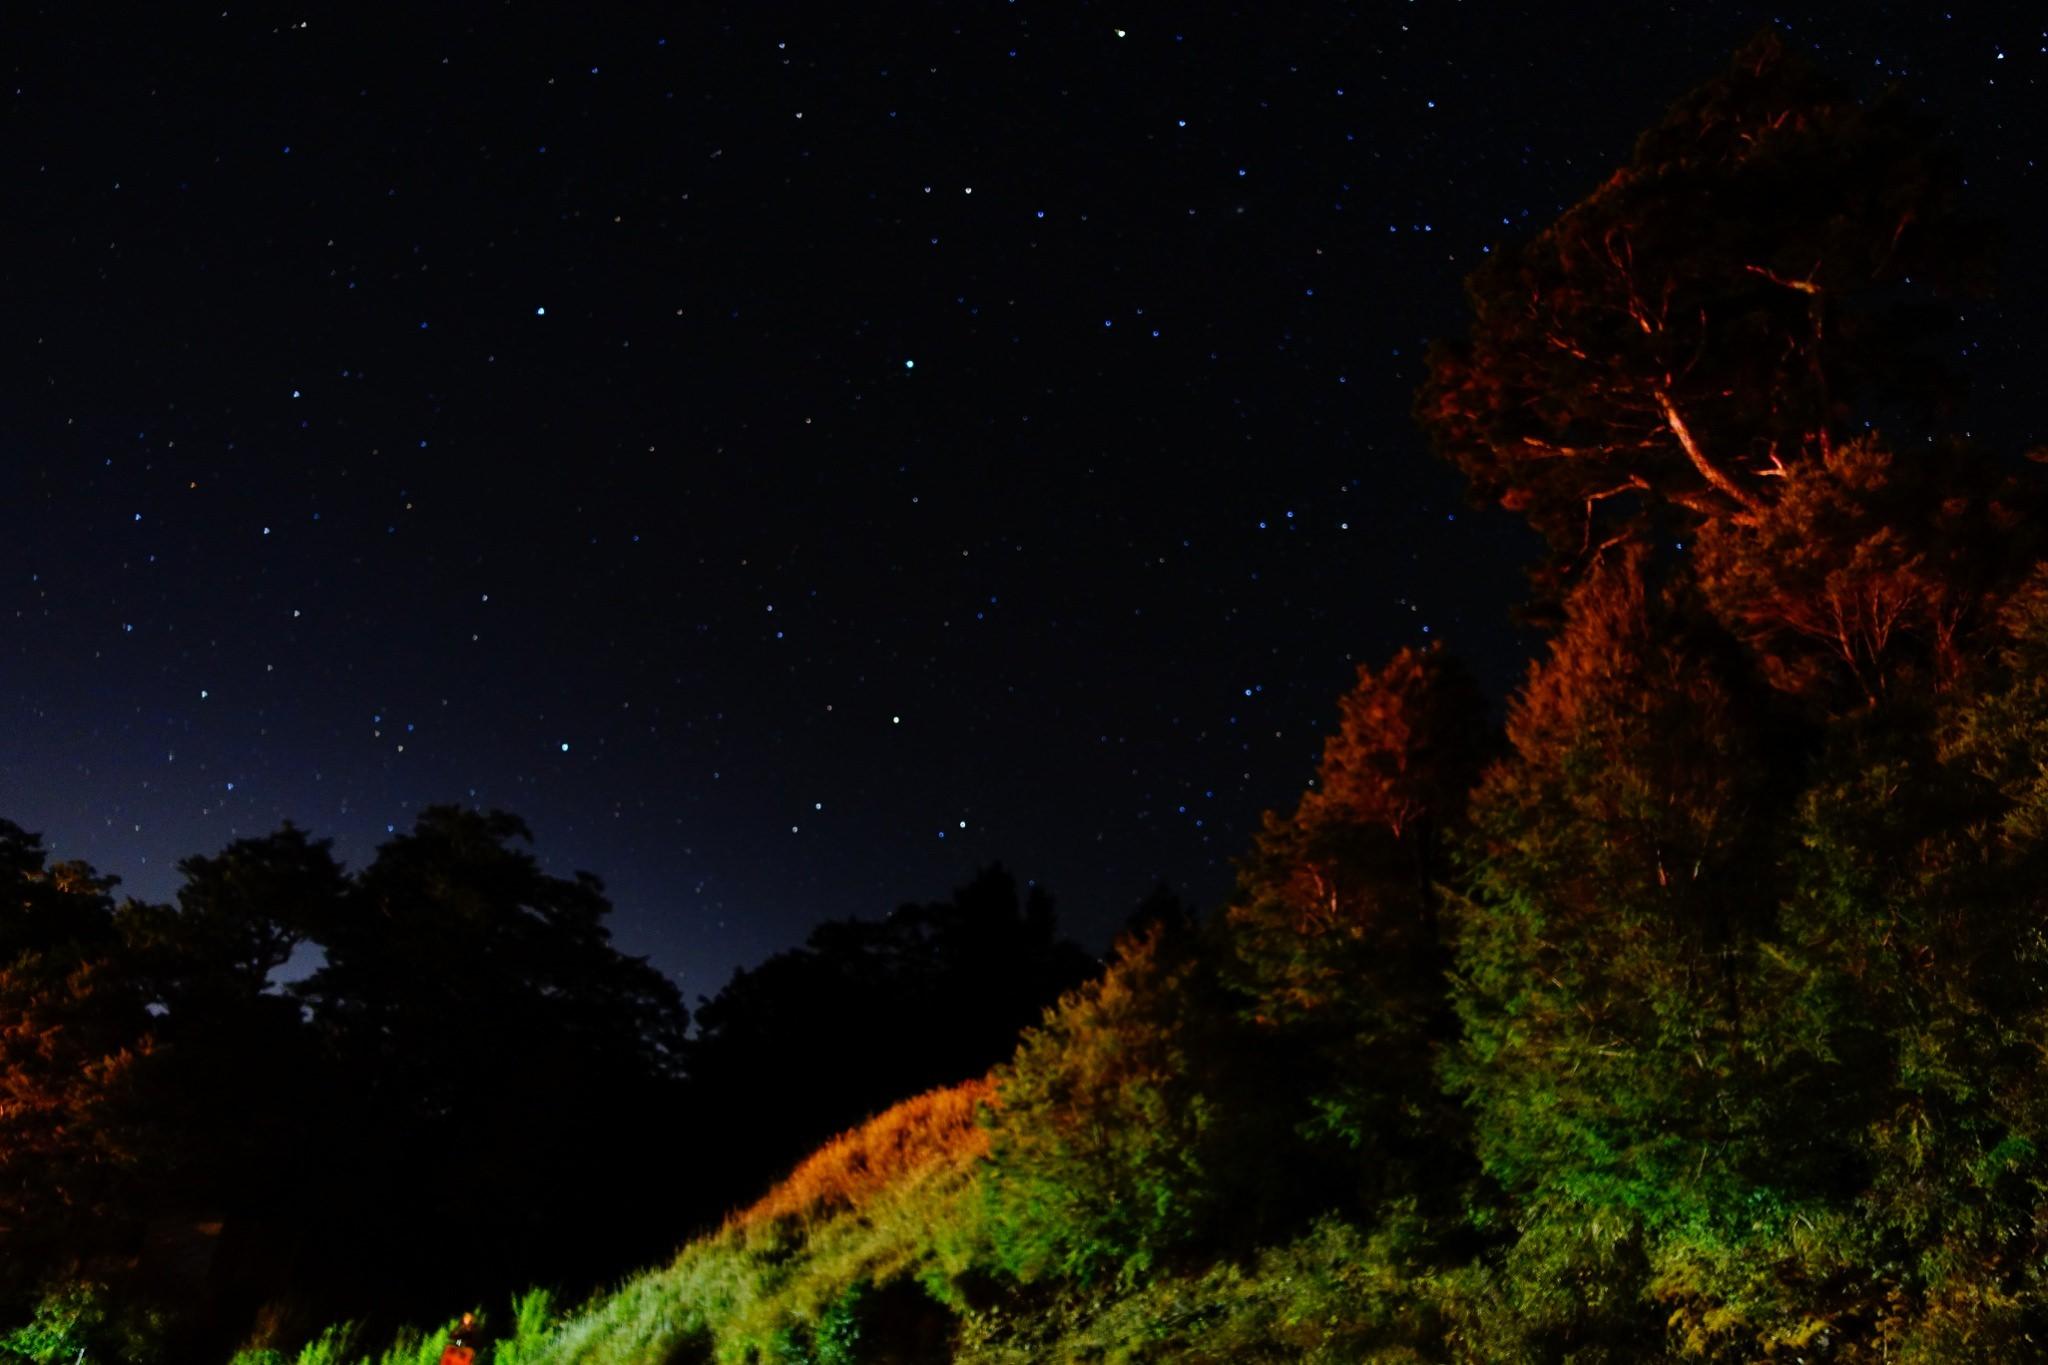 星星在夜空中閃閃動人